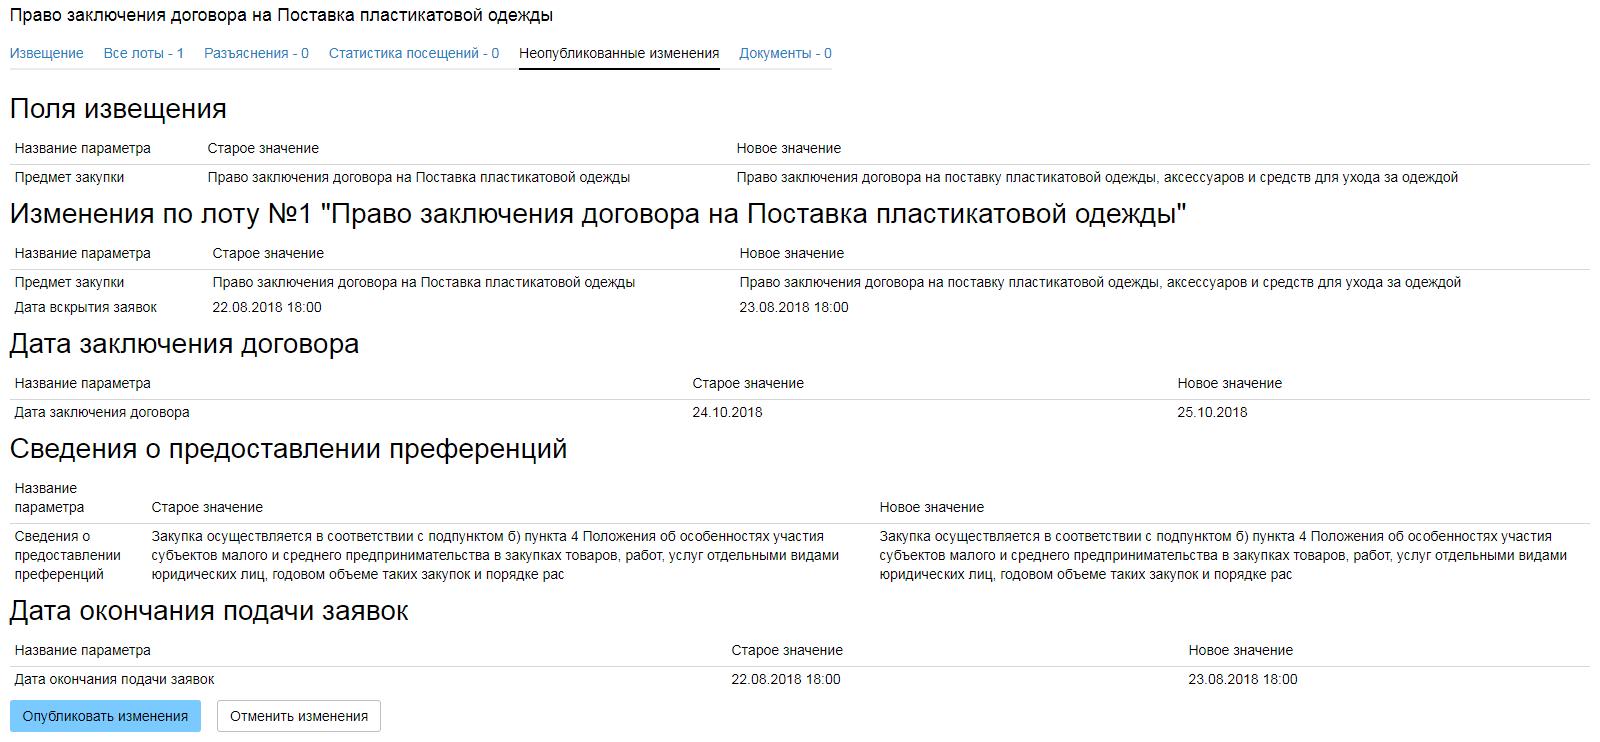 spoil-moloduyu-elektronniy-dokumentooborot-na-auktsione-video-devushki